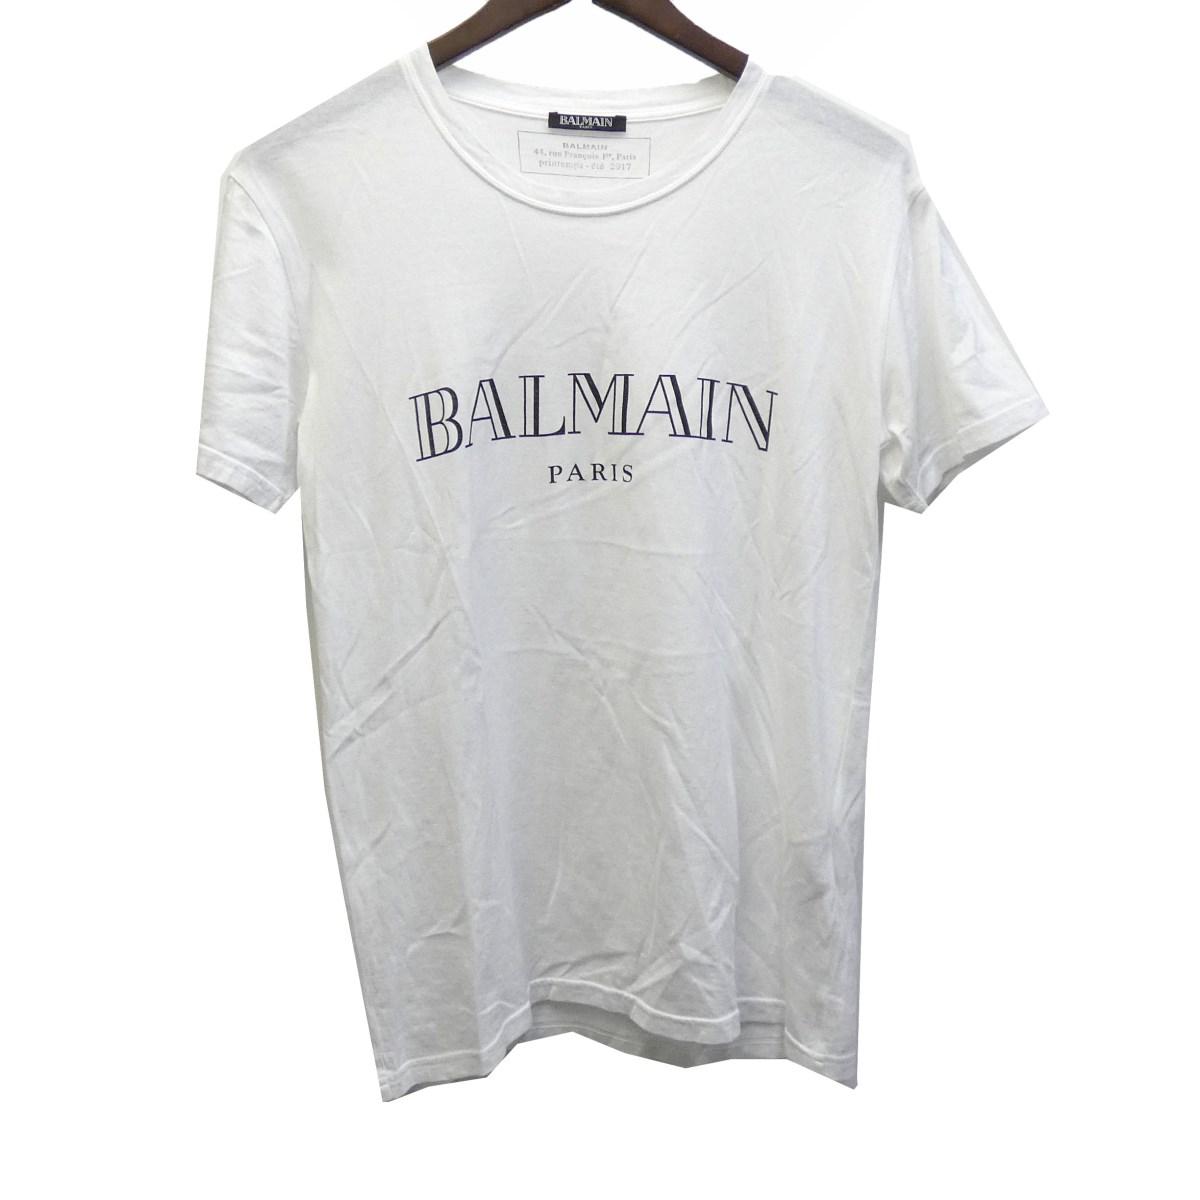 【中古】BALMAIN HOMME ロゴプリントTシャツ ホワイト サイズ:XS 【270420】(バルマン オム)